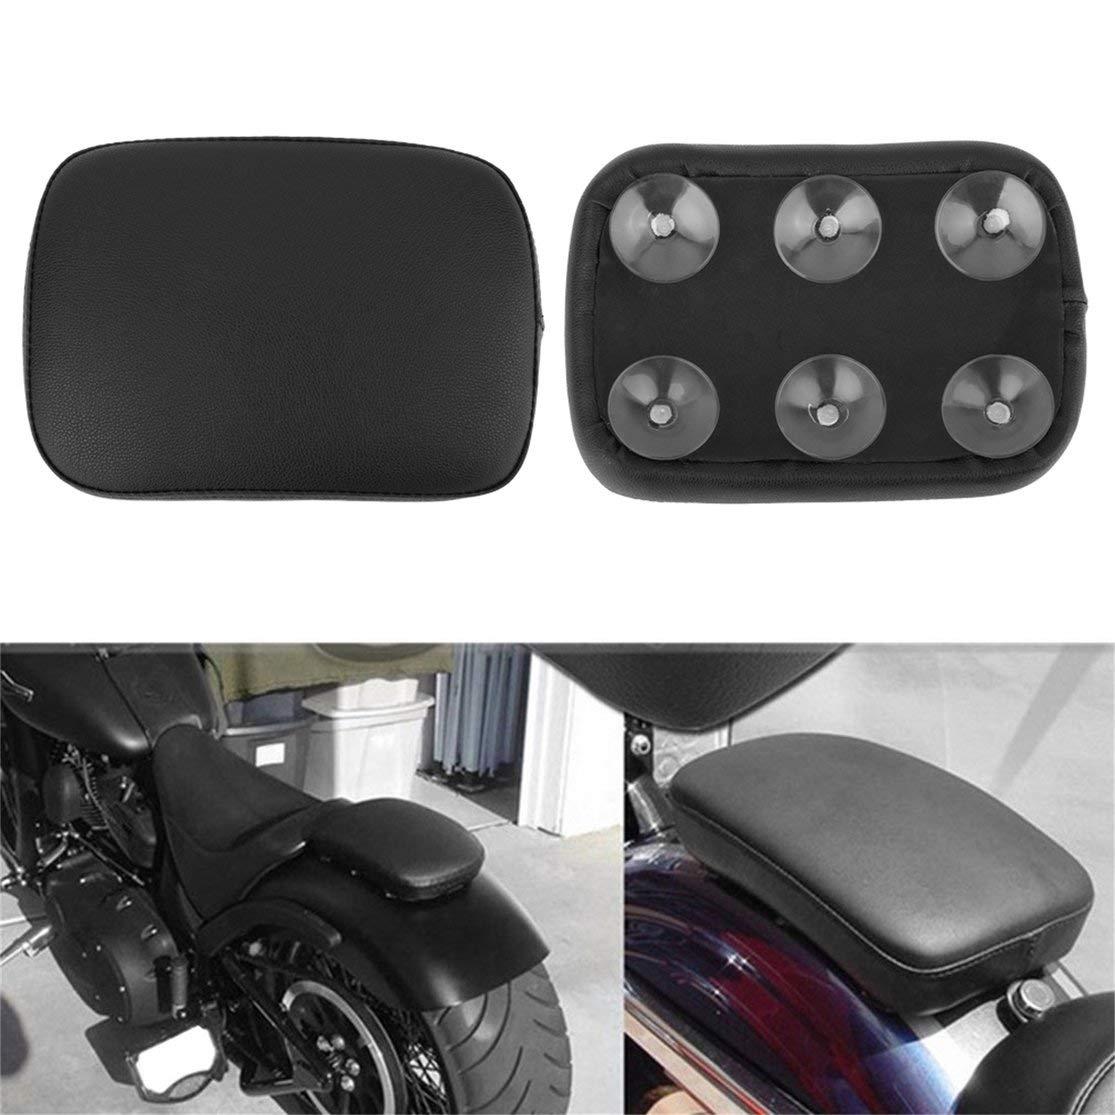 LouiseEvel215 Schwarzes Beifahrerkissen mit 6 Saugn/äpfen f/ür Harley Dyna Sportster Softail Touring XL883 1200 X48